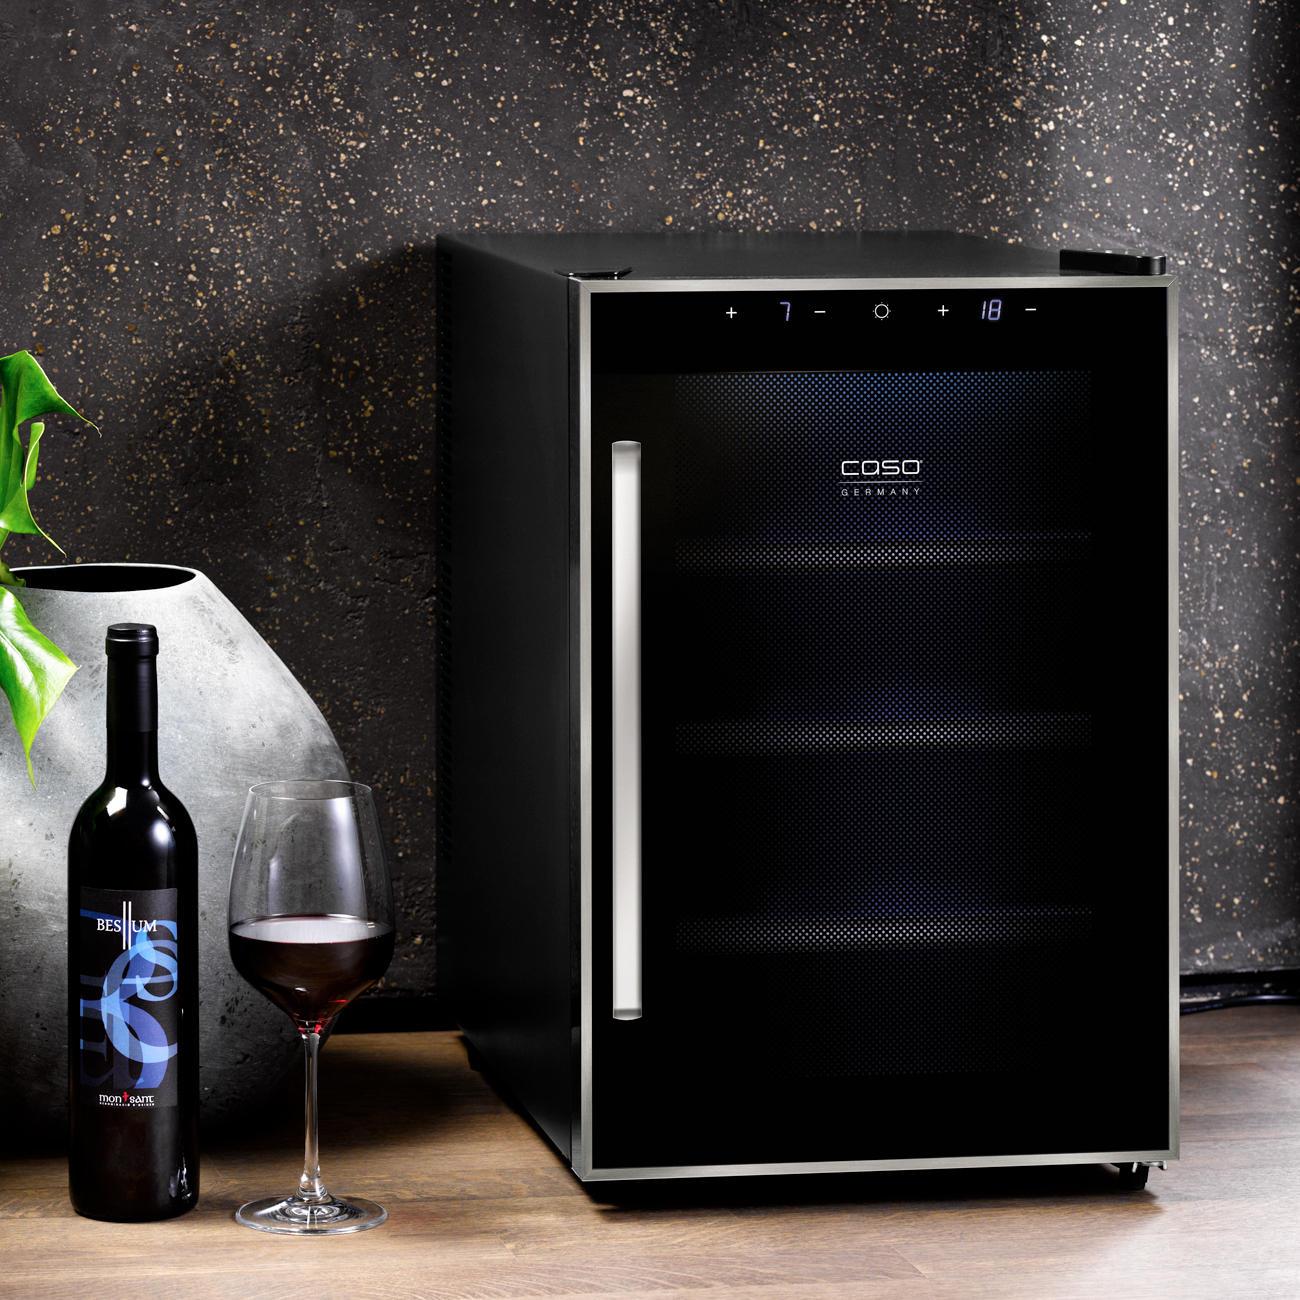 kompakt weink hlschrank case oder duo weine kaufen. Black Bedroom Furniture Sets. Home Design Ideas